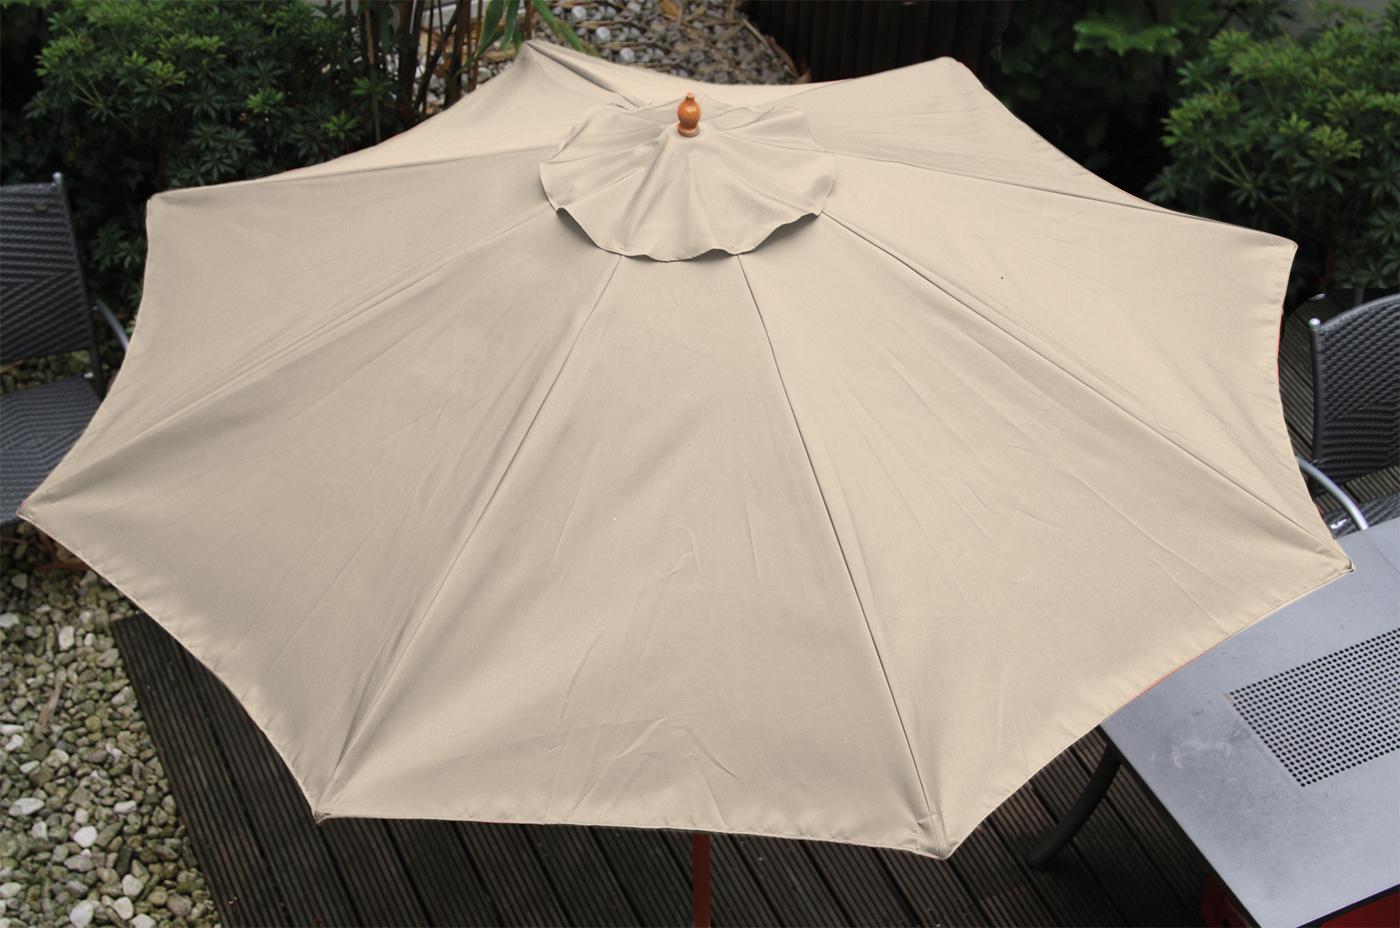 summer sale sonnenschirm holz marktschirm rund beige 6660653 ca 2 50 m ebay. Black Bedroom Furniture Sets. Home Design Ideas